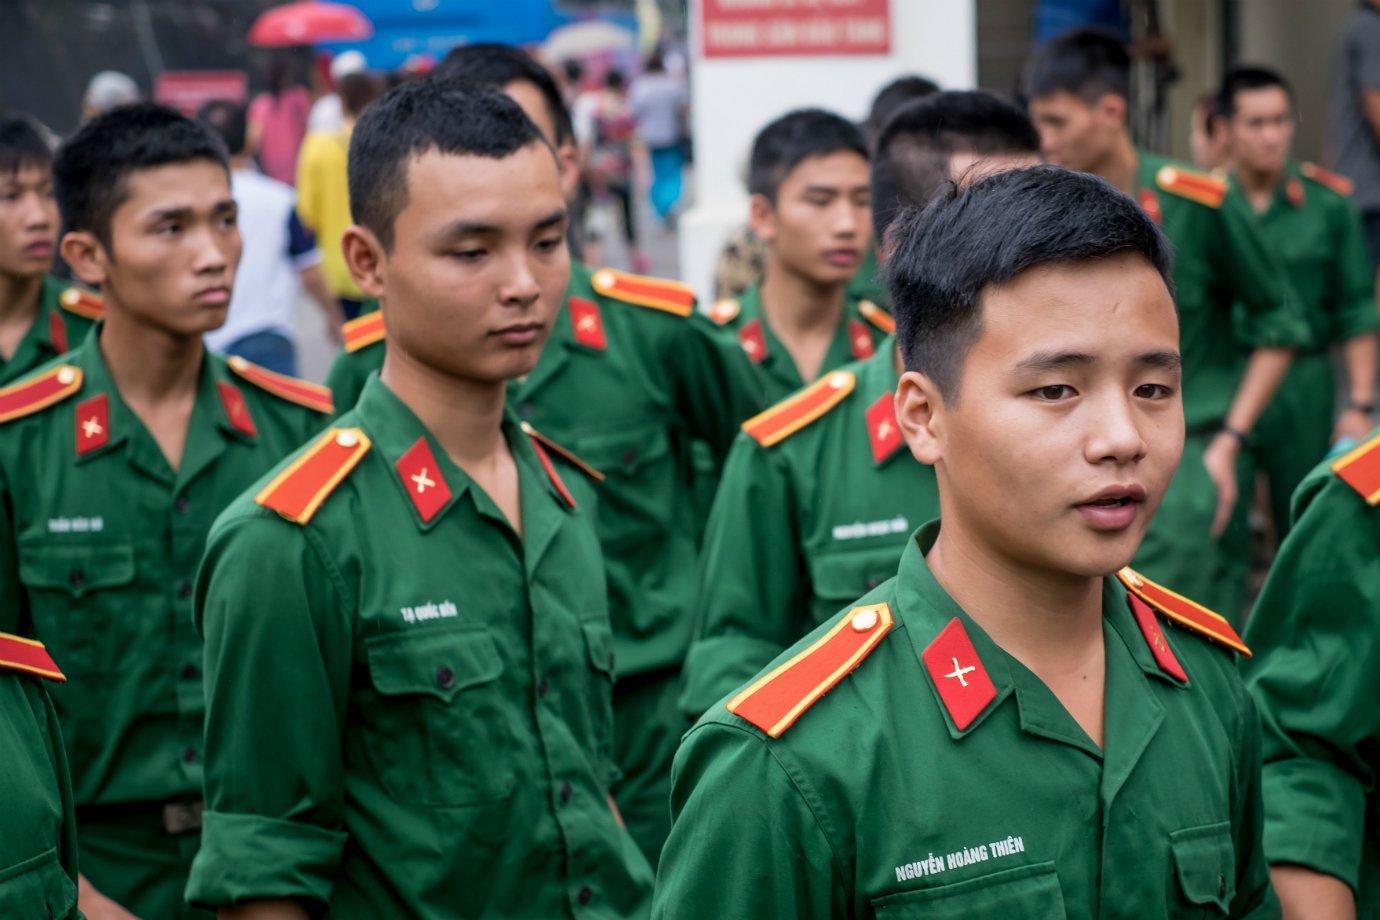 Soldados do Vietnã